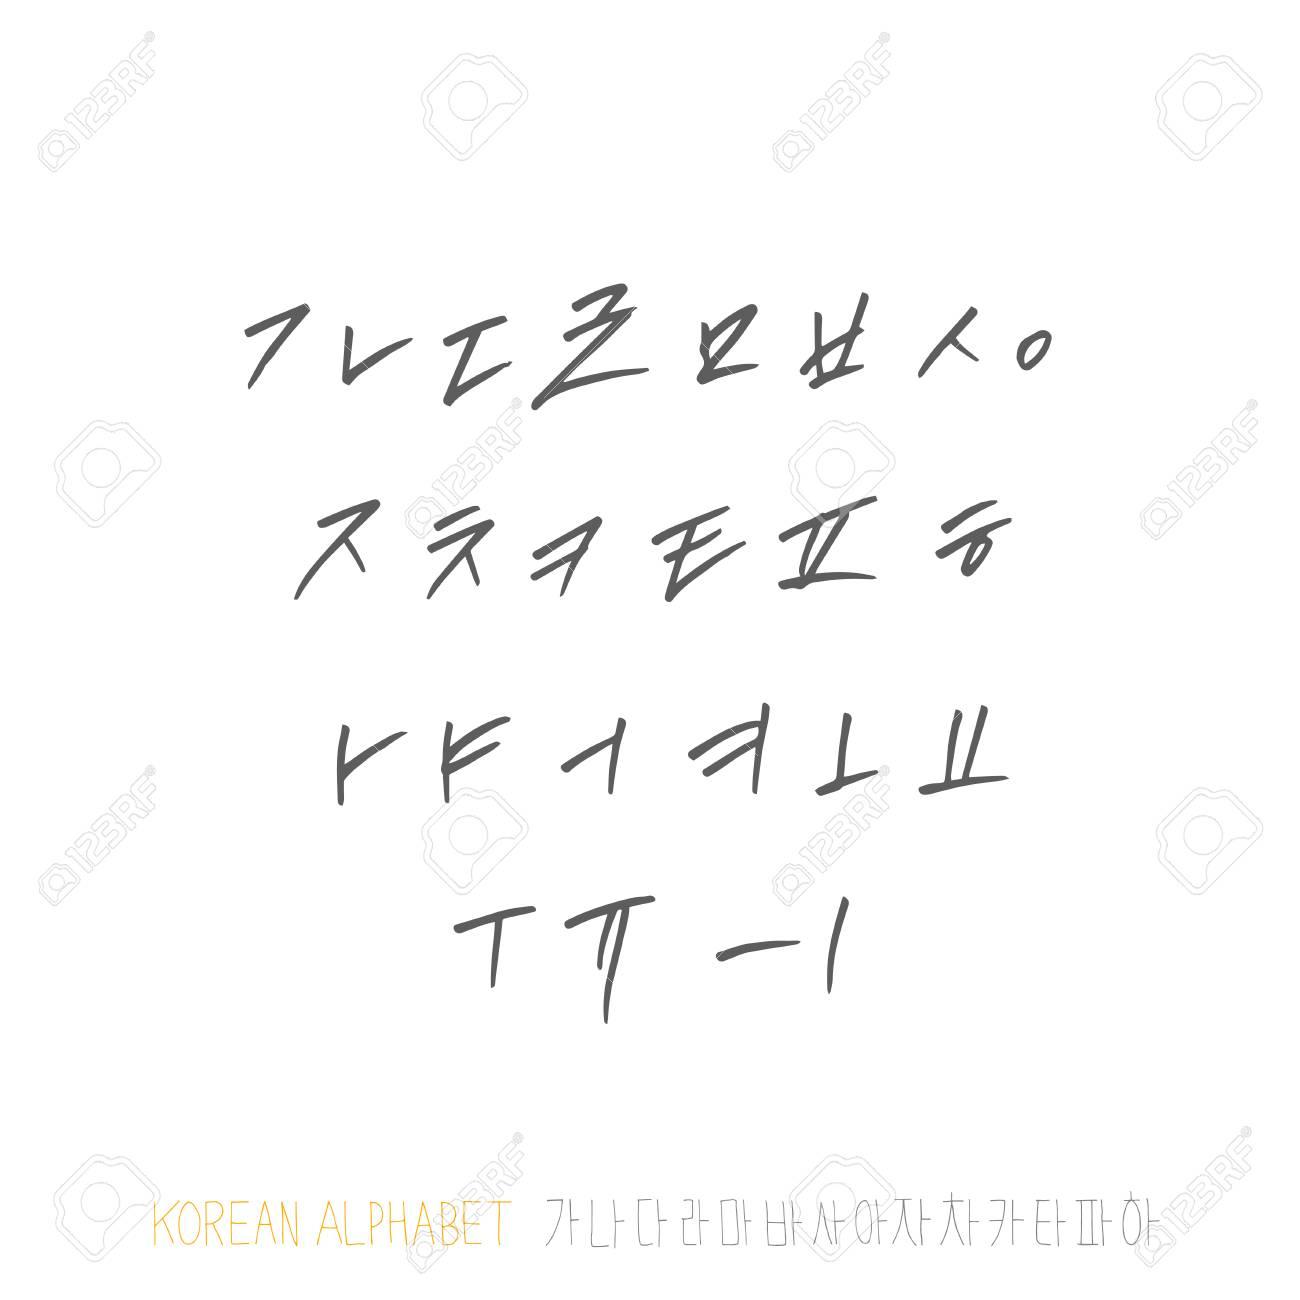 Vector Korean fonts / Handwritten calligraphy